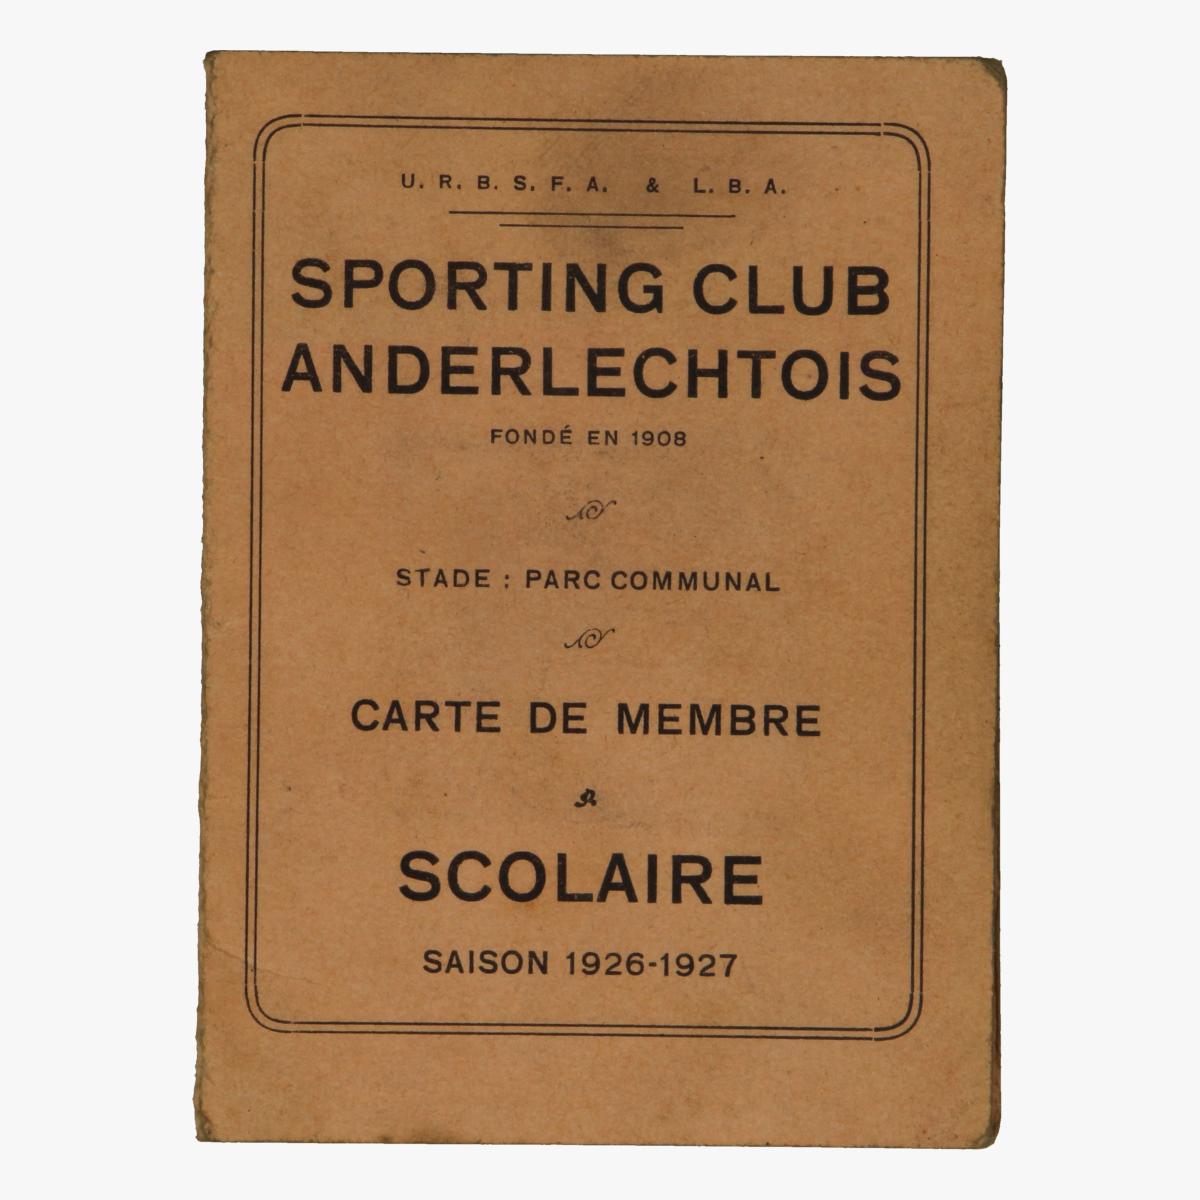 Afbeeldingen van voetbal sporting club anderlechtois carte de membre scolaire saison 1926-1927